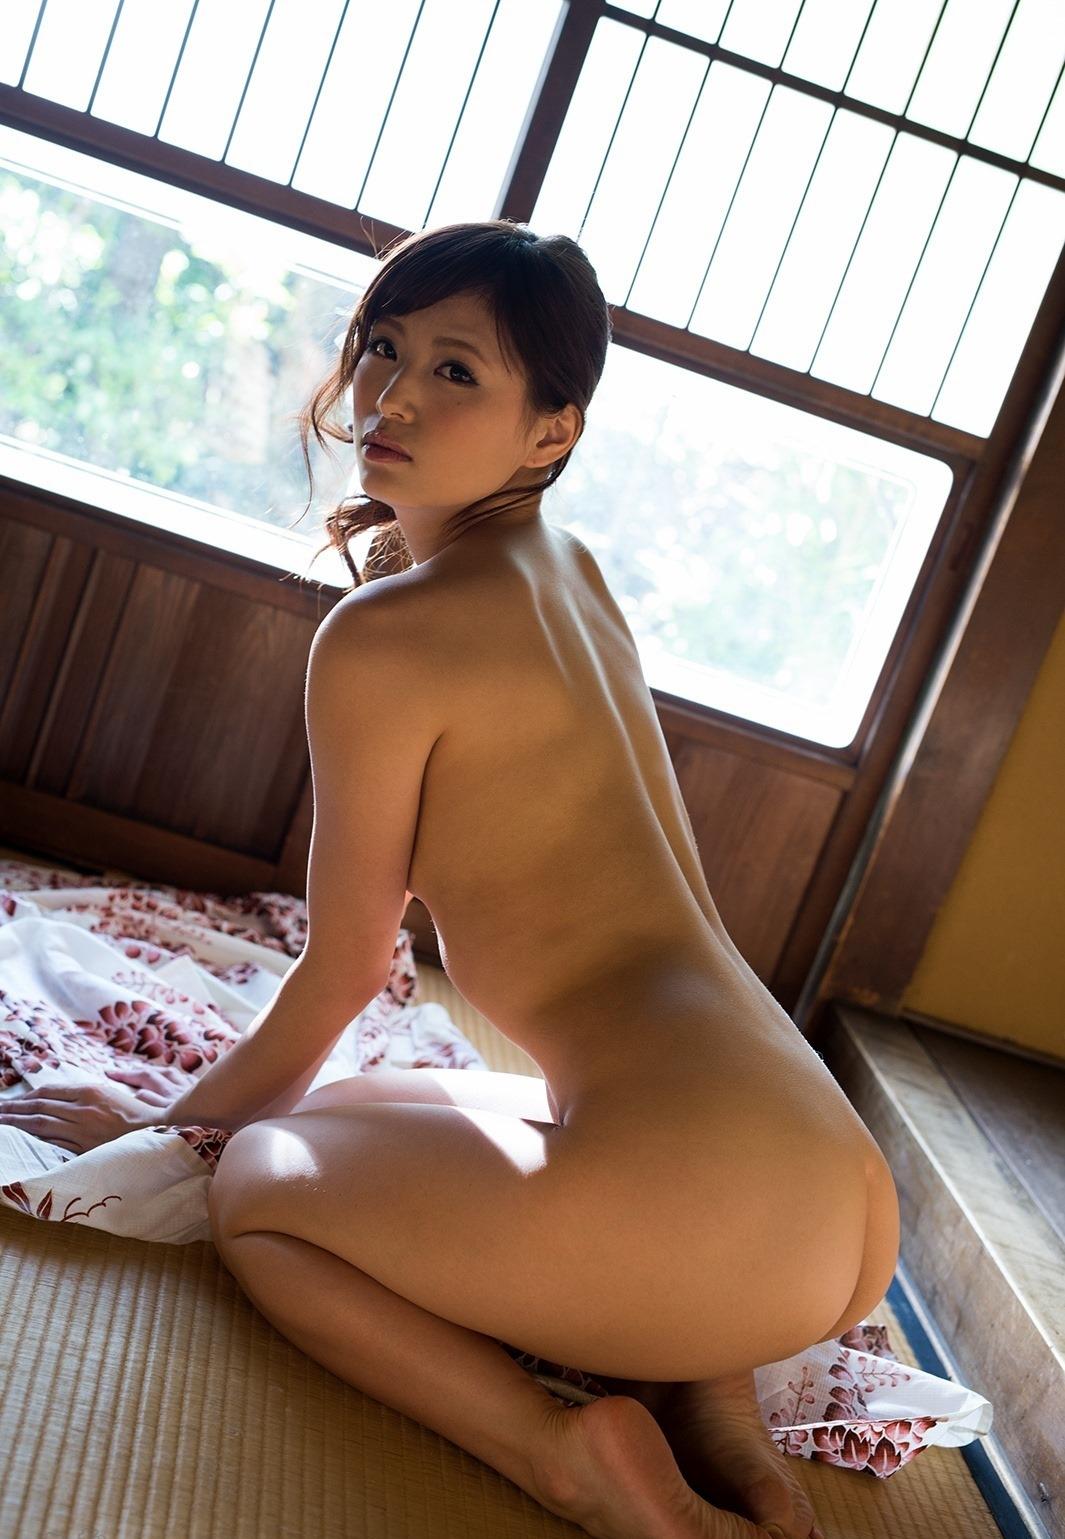 【女座りエロ画像】果たしてアヒル座りと正座の突き出した美尻はどっちがエロいんだ!?(28枚)